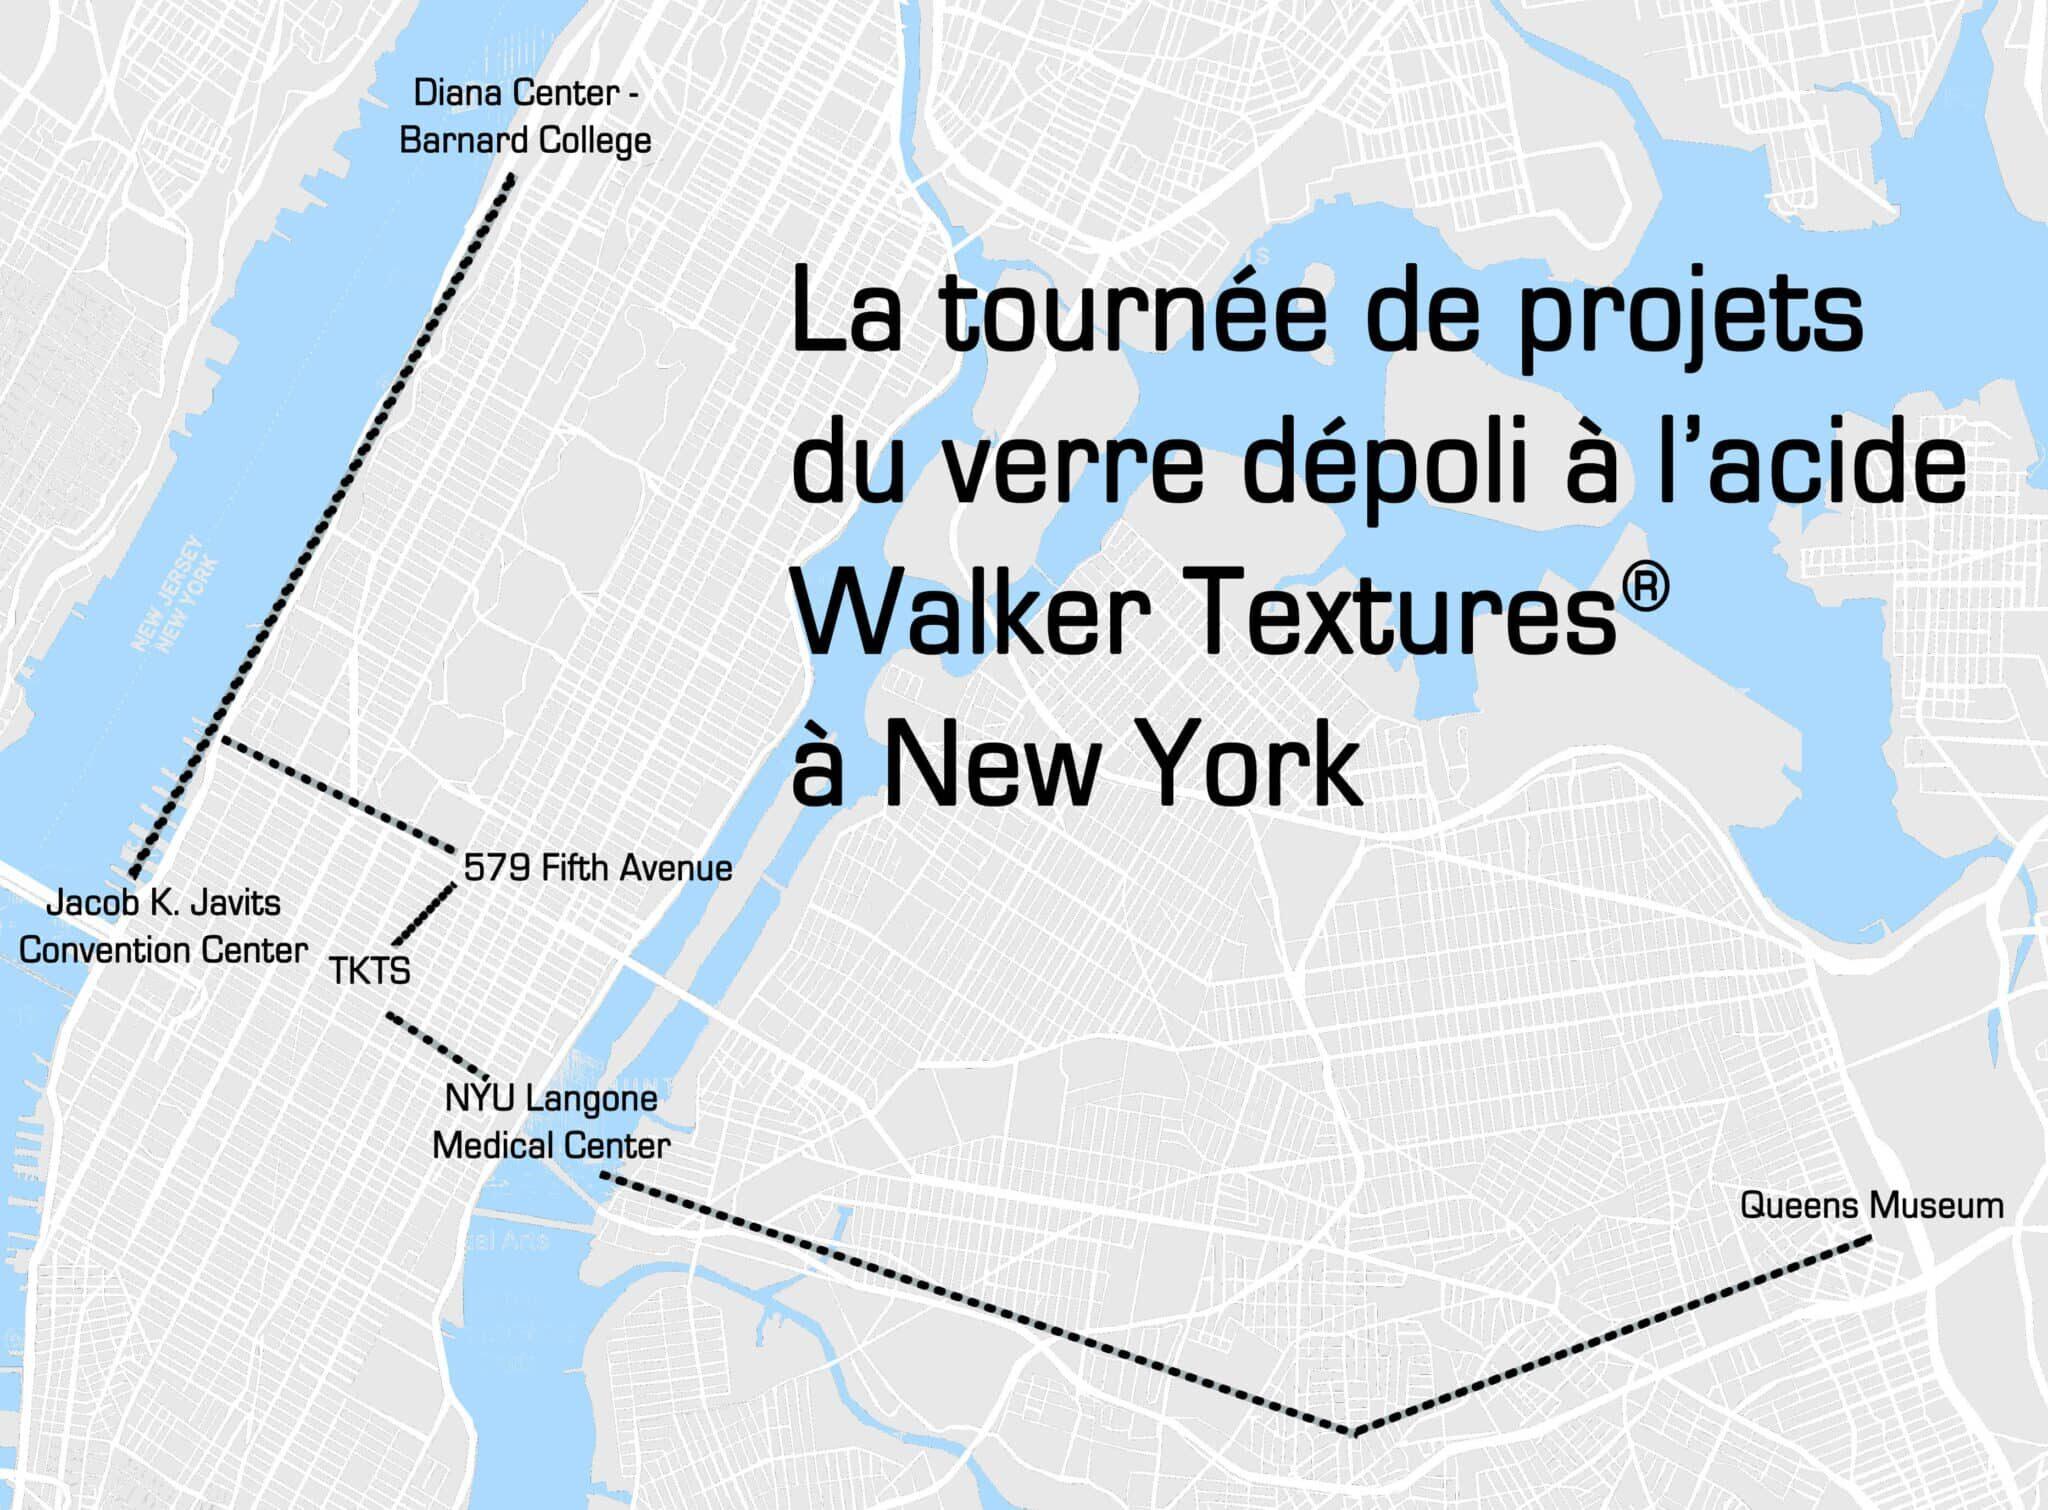 La tournée de projets du verre dépoli à l'acide Walker Textures® à New York